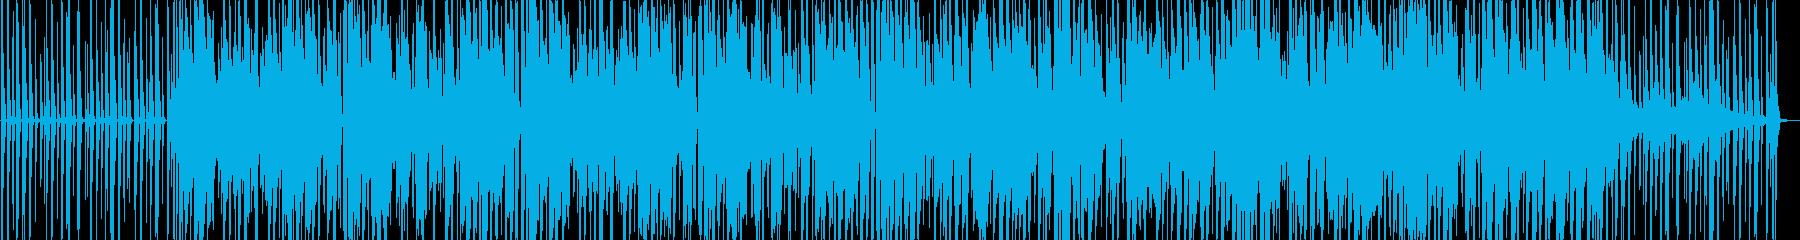 オーガニックなジャズヒップホップの再生済みの波形